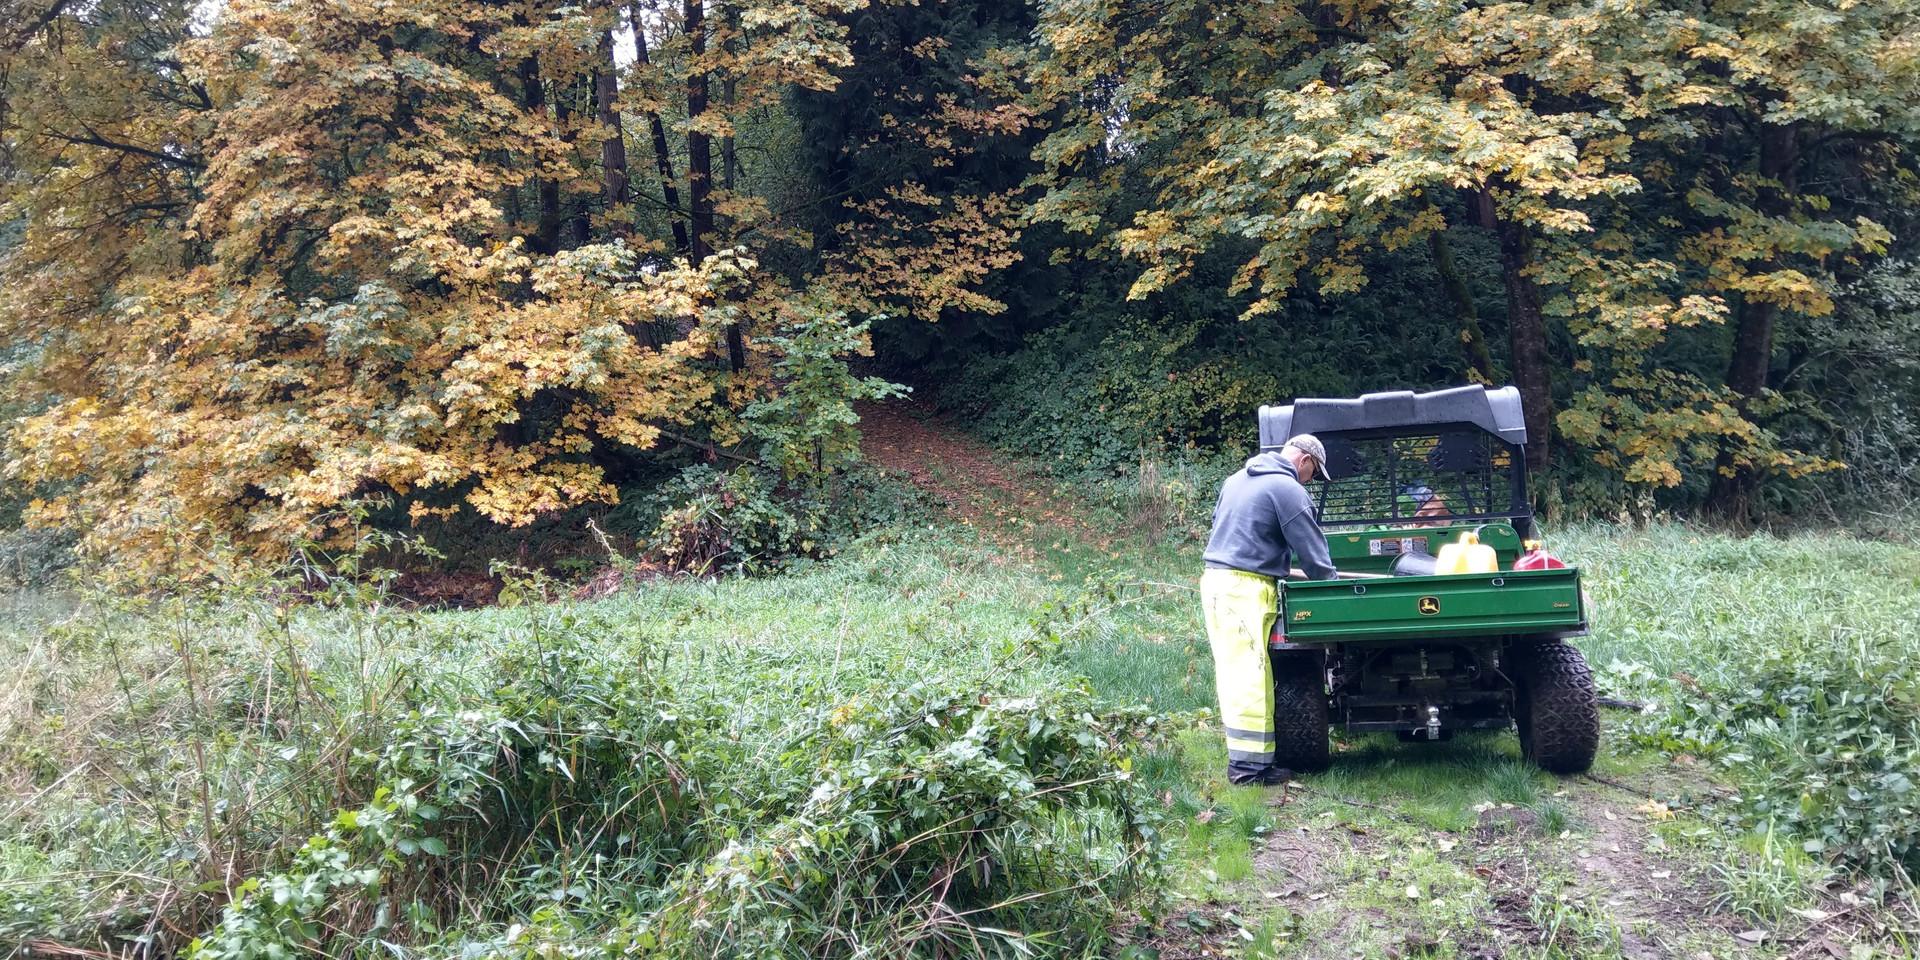 Reg plotting Spring work in The Forest